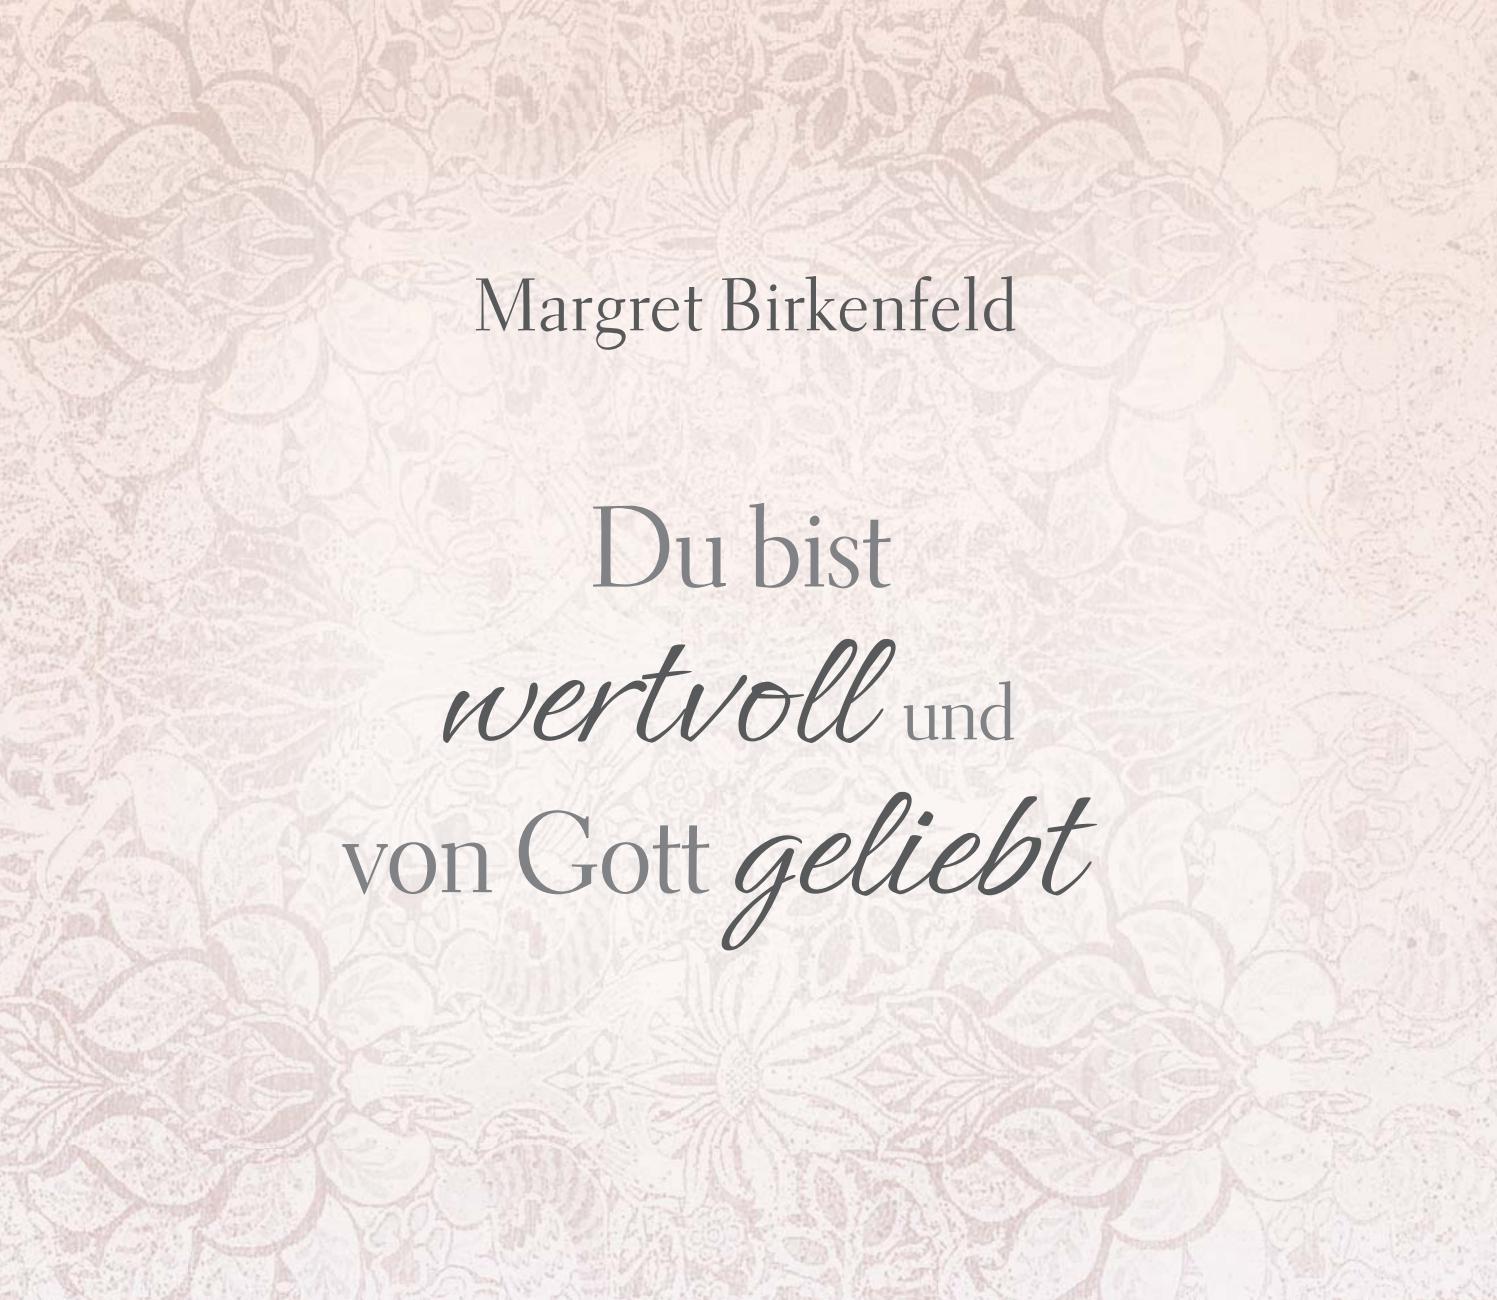 Du Bist Wertvoll Und Von Gott Geliebt By Gerth Medien Issuu